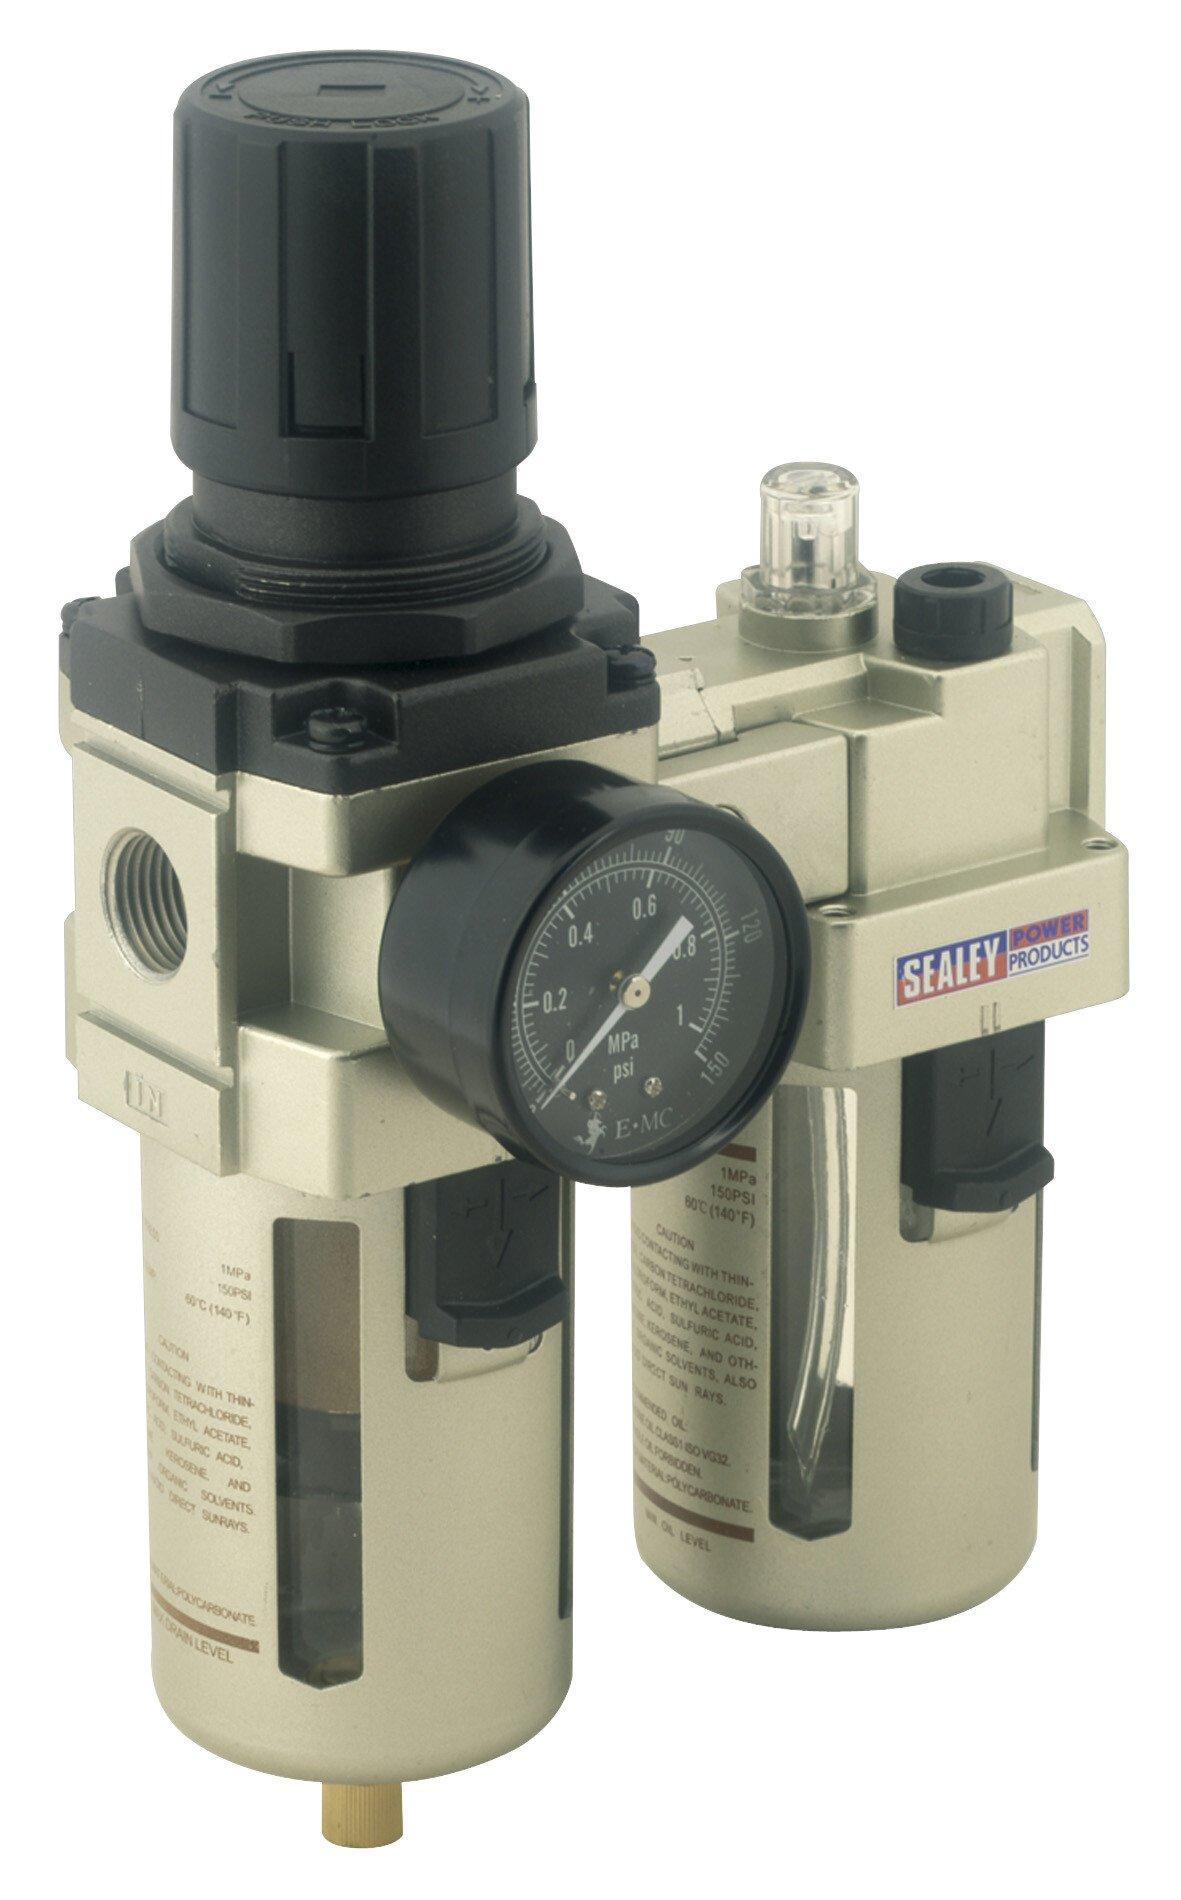 Sealey SA206 Air Filter/Regulator/Lubricator Max Air Flow 105cfm